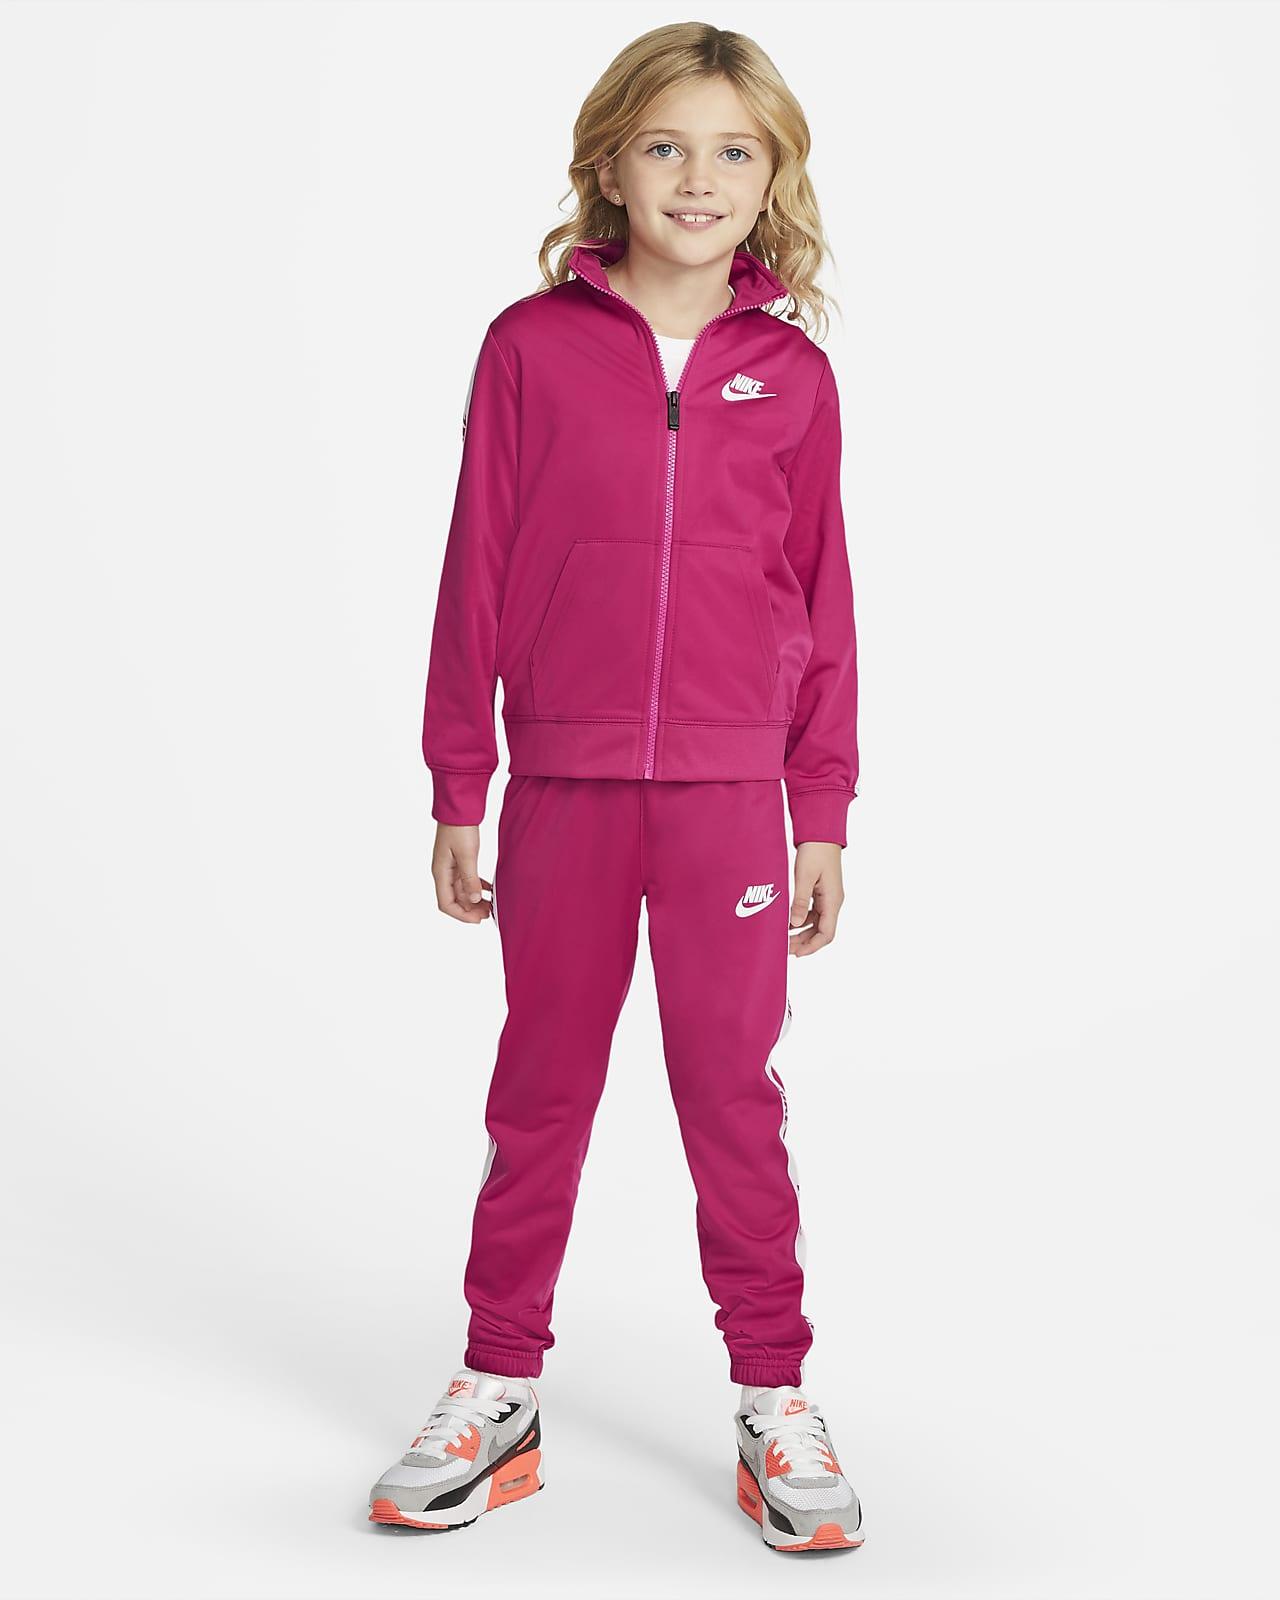 Nike kabát és nadrág szett gyerekeknek